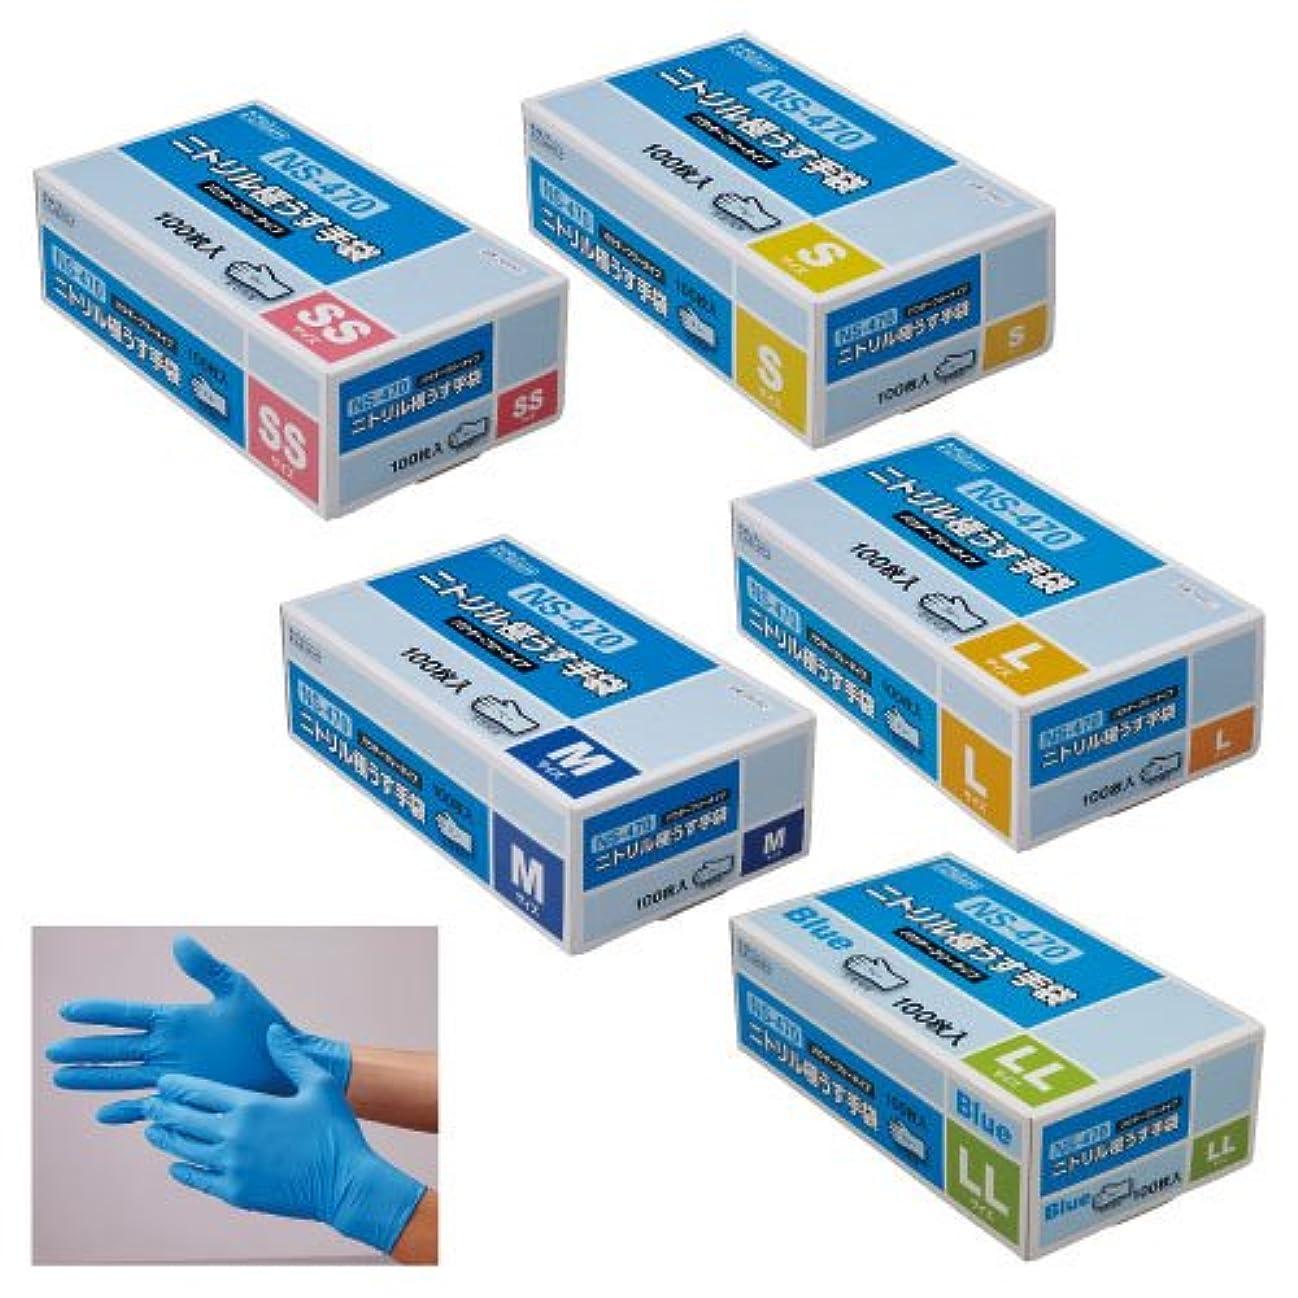 いちゃつく通常無視するニトリル極うす手袋 NS-470 ??????????????NS470 06451(L)????100????(24-2571-03)【20箱単位】